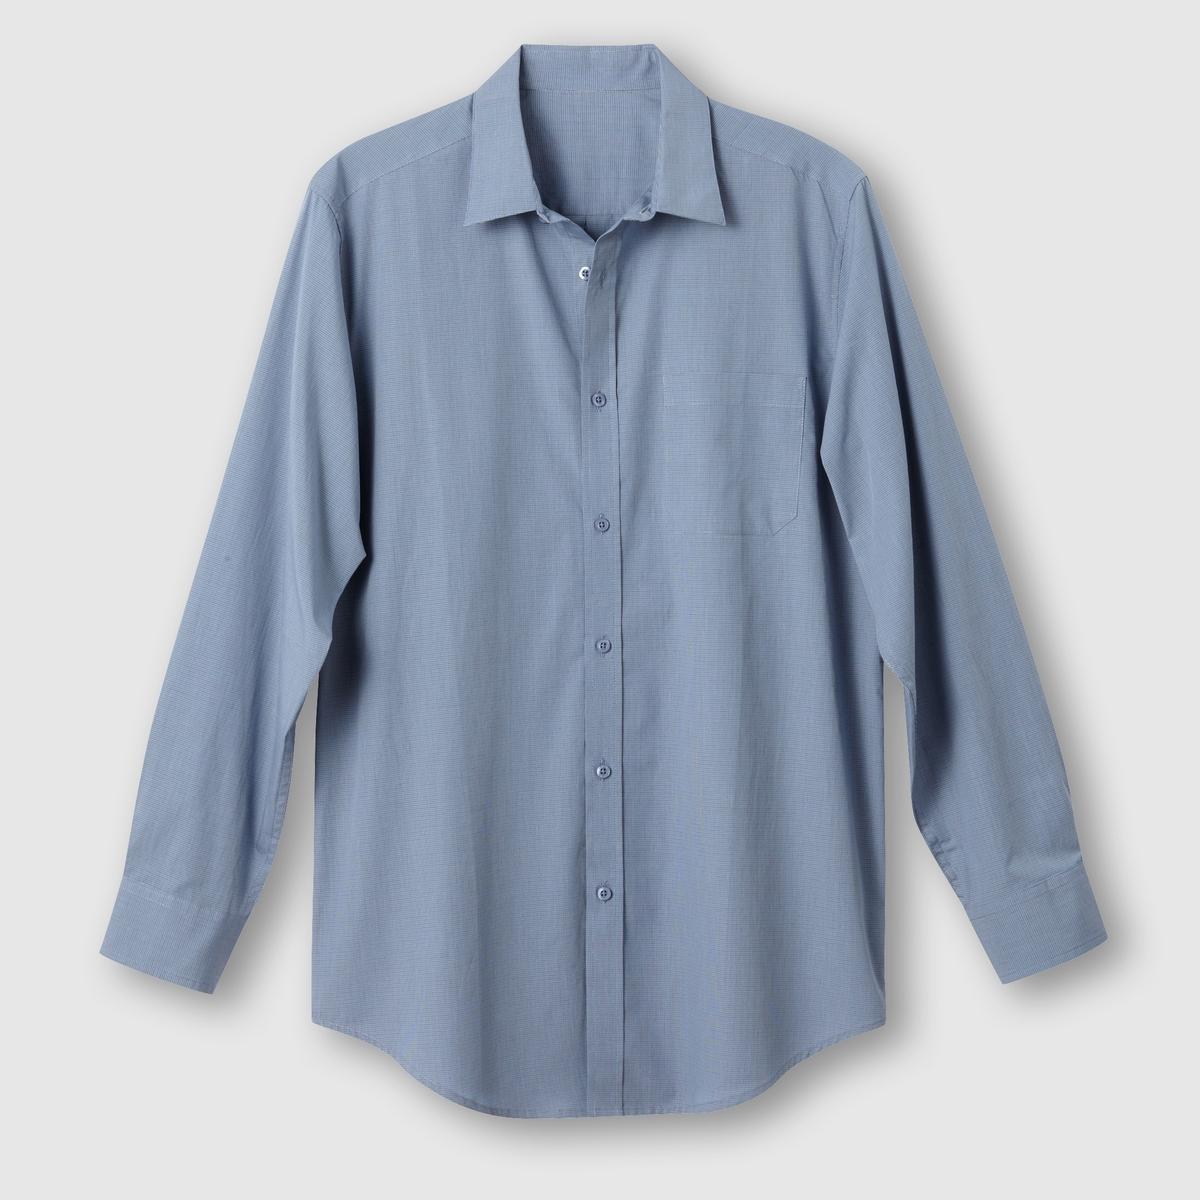 Рубашка из поплина, рост 3 (свыше 1,87 м)Рубашка с длинными рукавами.  Из оригинального поплина в полоску или в клетку с окрашенными волокнами. Воротник со свободными уголками. 1 нагрудный карман. Складка с вешалкой сзади. Слегка закругленный низ.Поплин, 100% хлопок. Рост 3 (при росте свыше 1,87 м) : длина рубашки 87 см, длина рукава 69 см. Есть модели на рост 1 и 2.<br><br>Цвет: в клетку серый/синий,в полоску бордовый/белый<br>Размер: 41/42.43/44.47/48